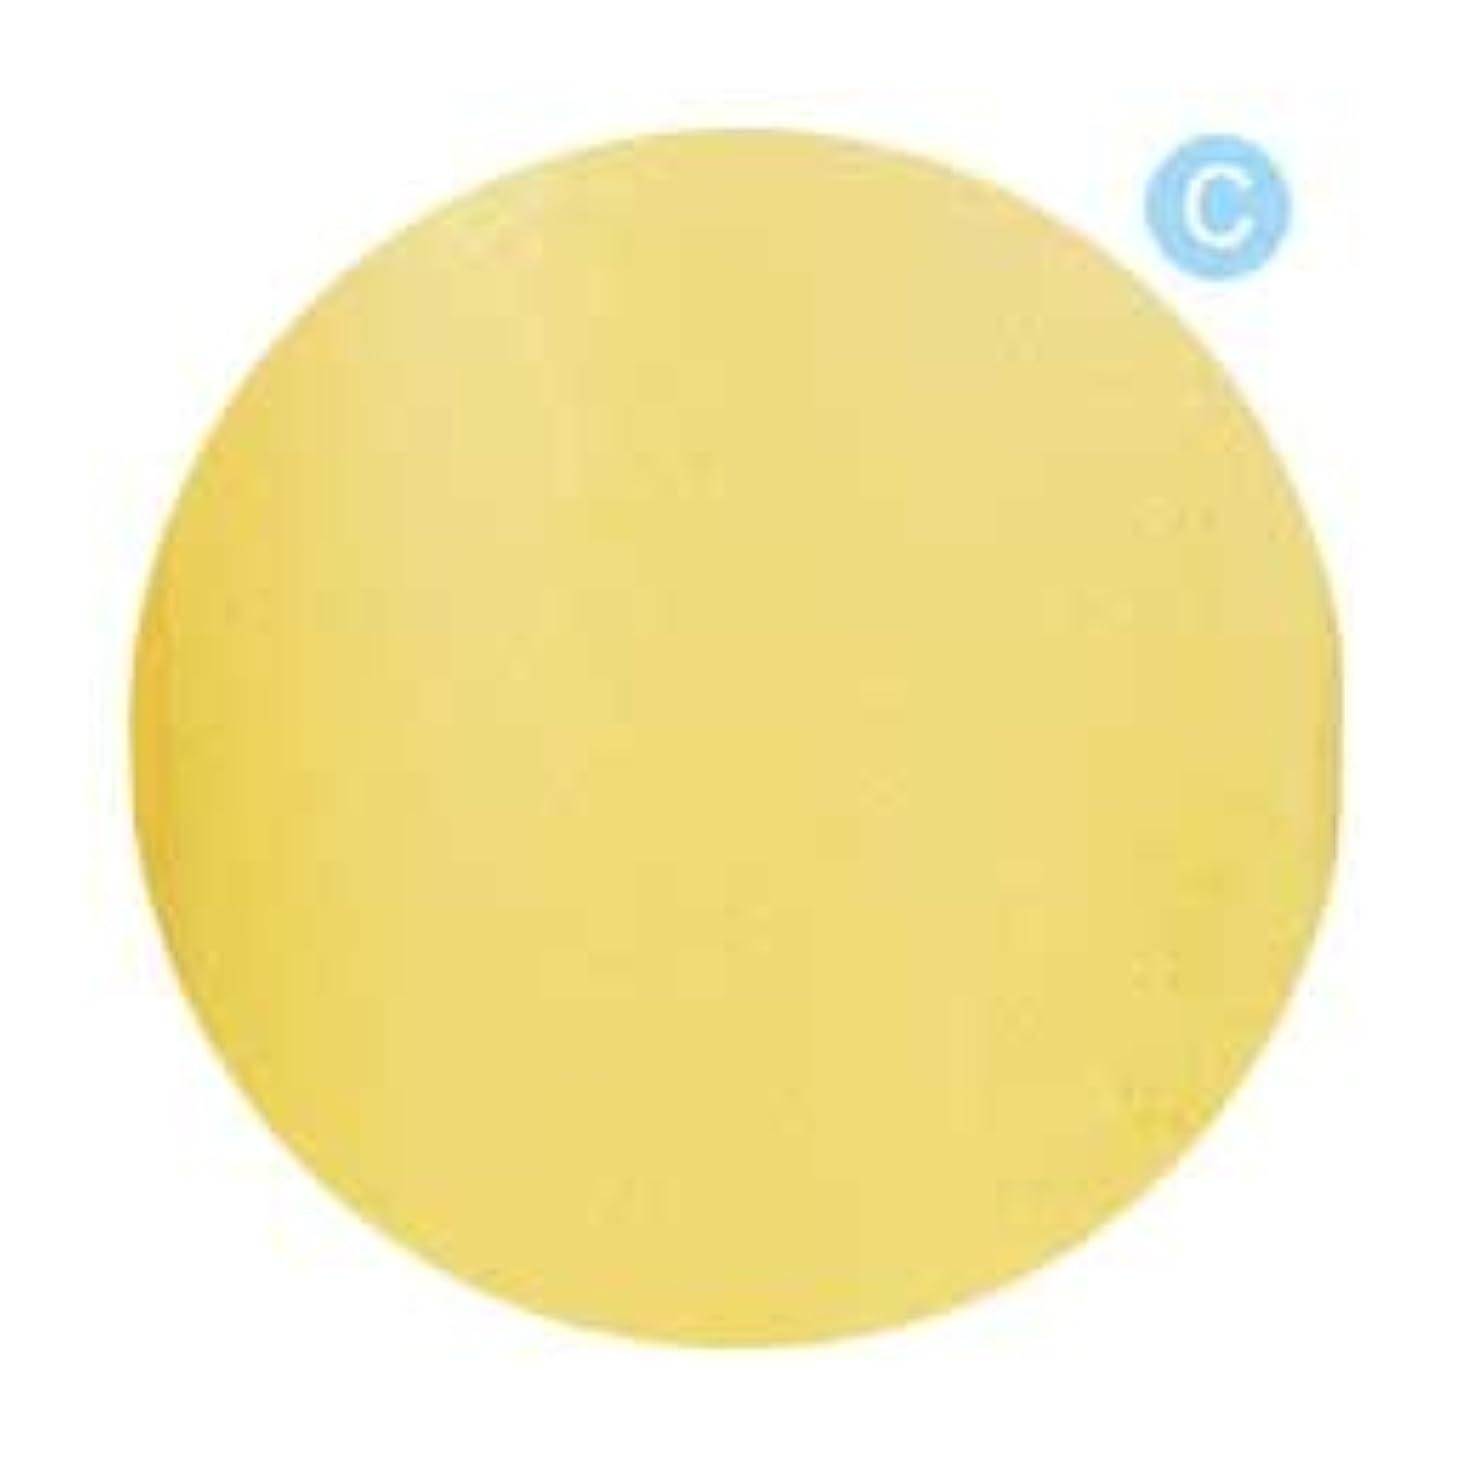 ここに深遠レクリエーションPalms Graceful カラージェル 3g 019 クリアレモン